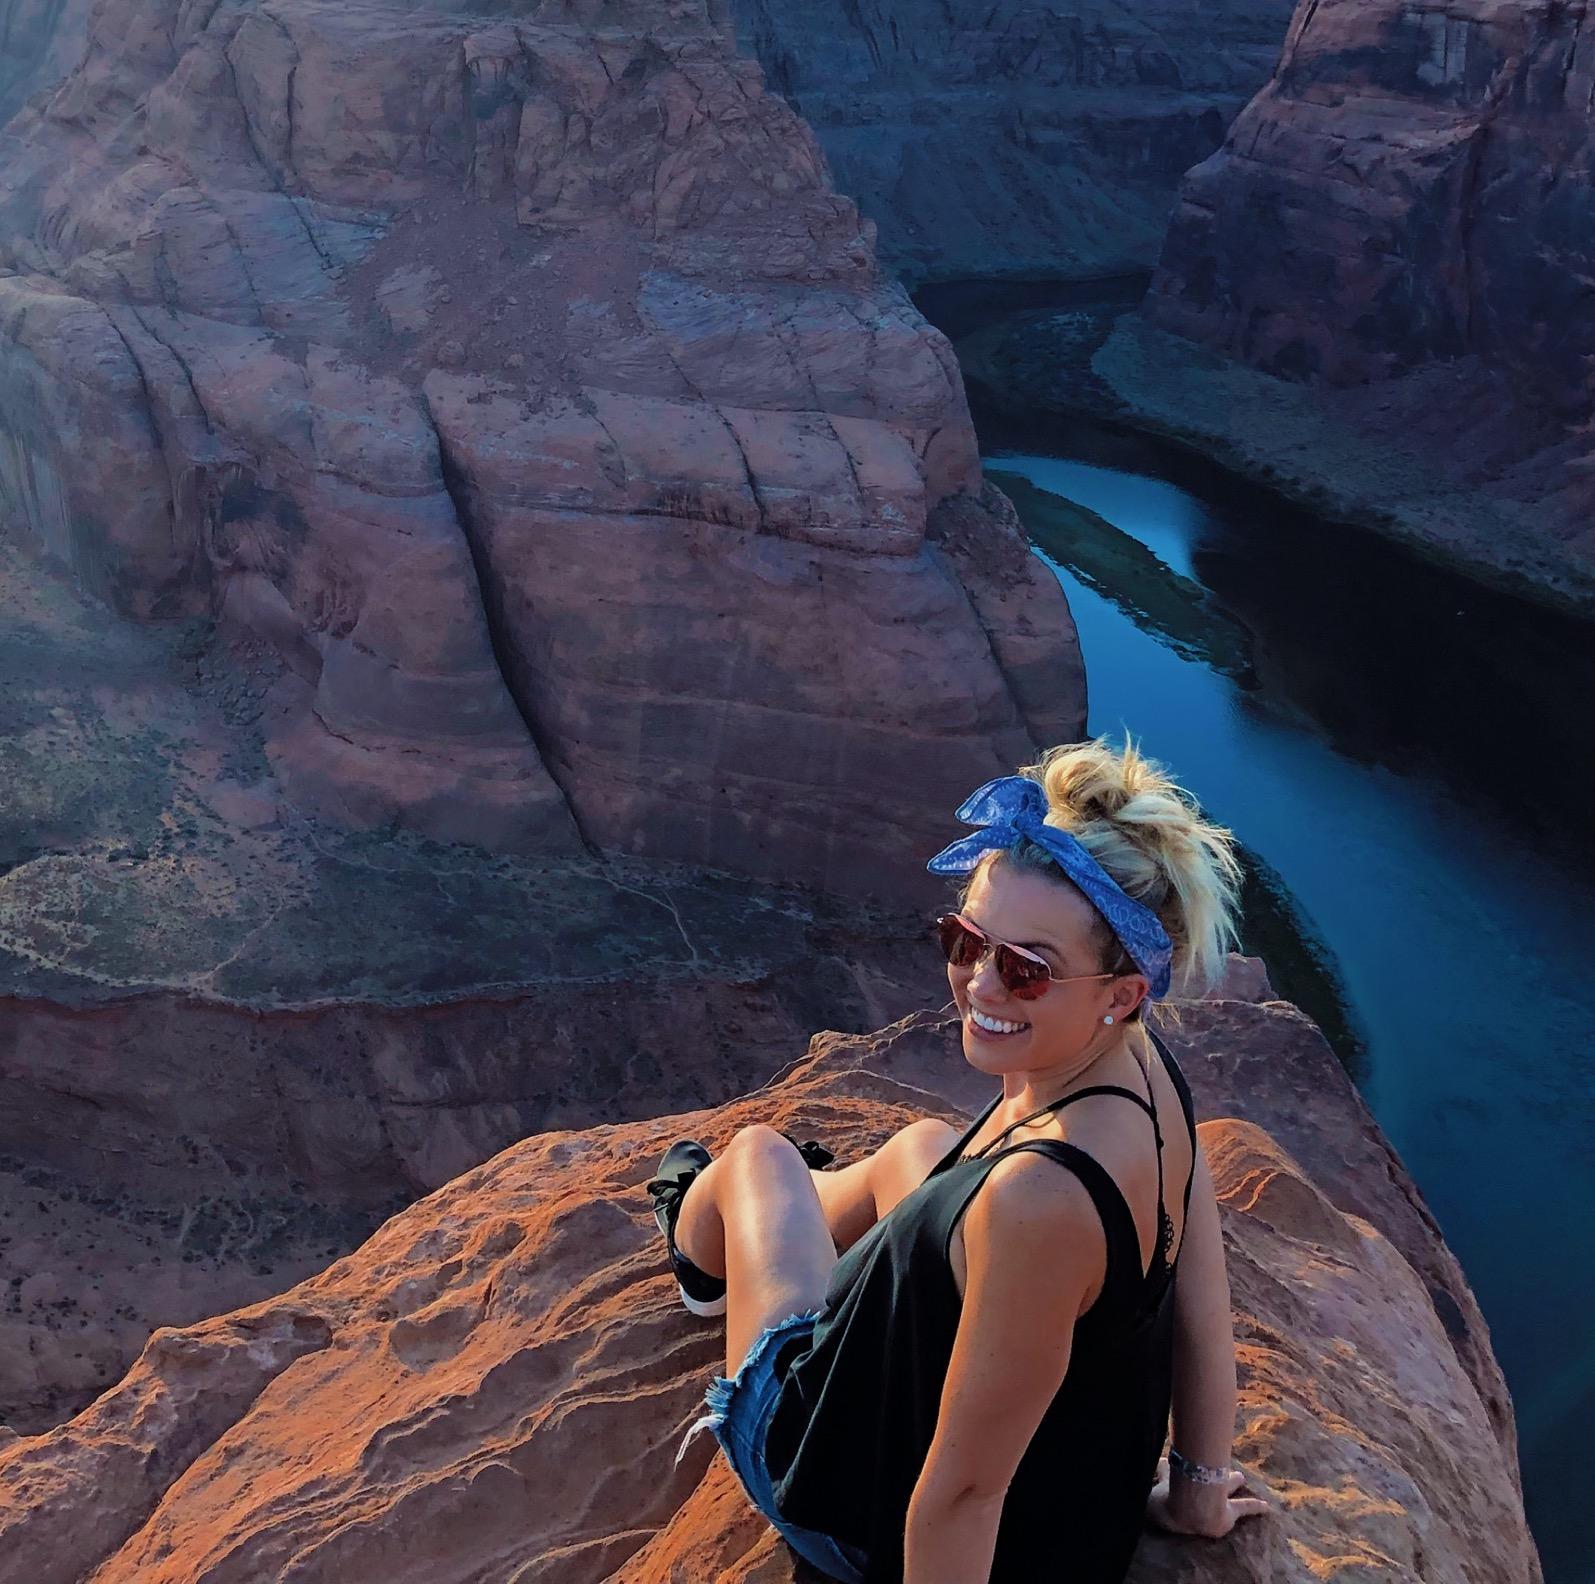 kyla cheatley hello adventure co blog.jpeg